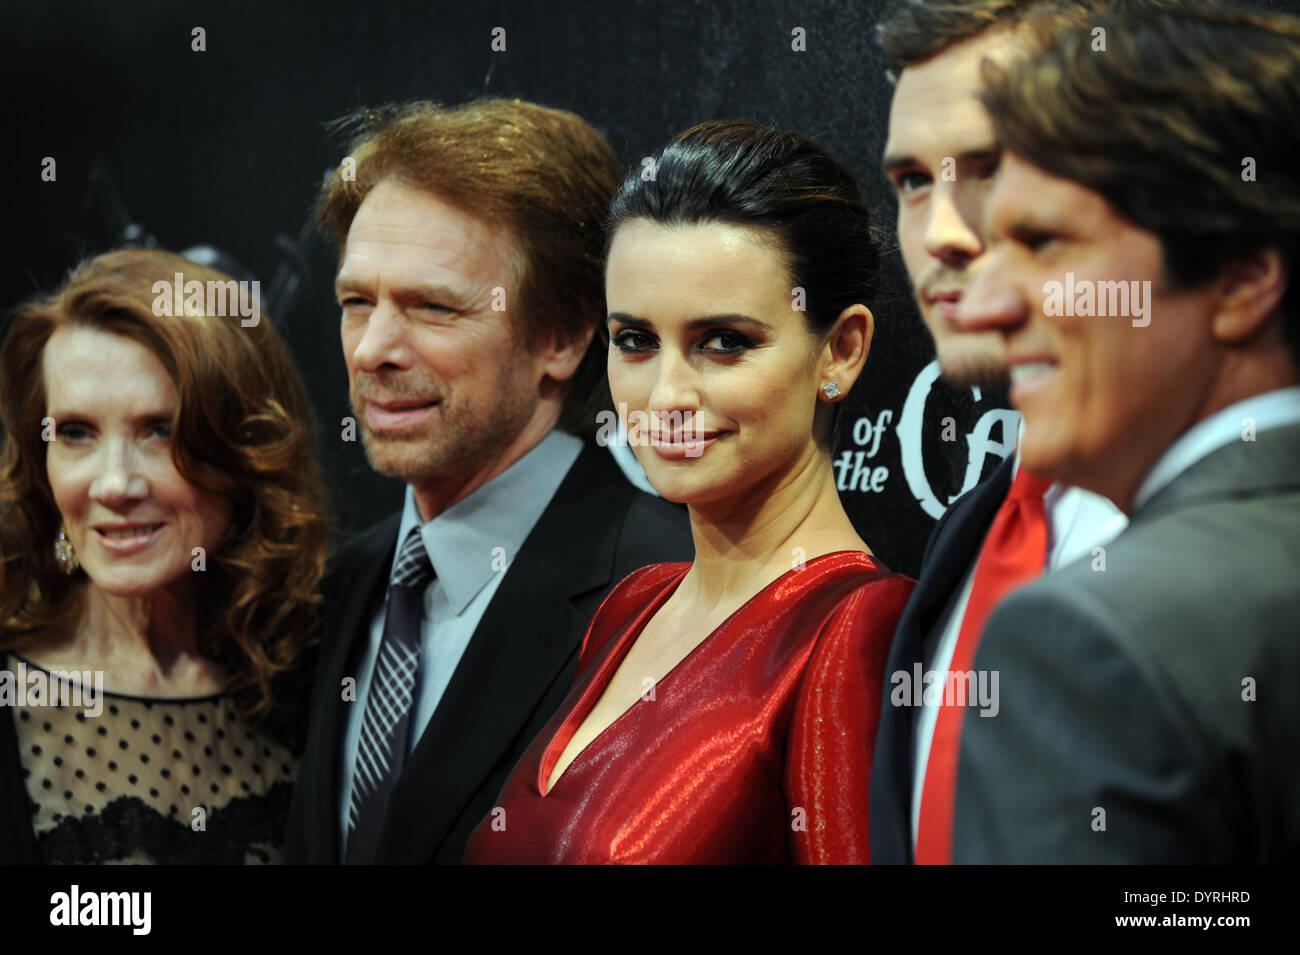 """Penelope Cruz und Jerry Bruckheimer bei der Film-premiere von """"Fluch der Karibik 4' in München, 2011 Stockbild"""